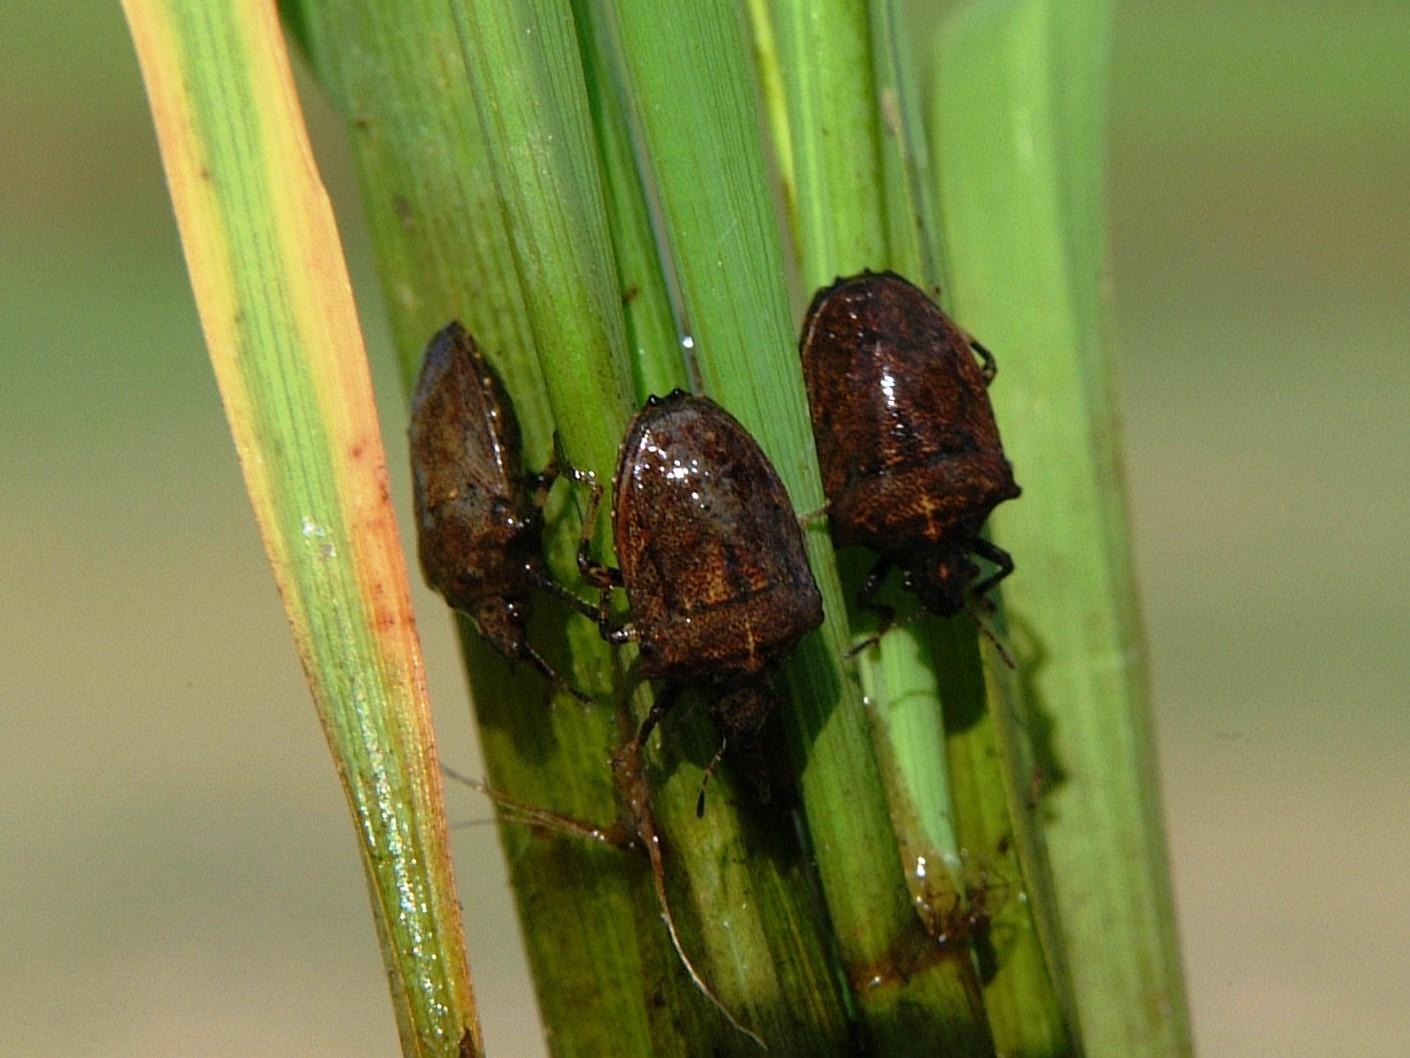 စပါးတွင်ကျရောက်သော ဂျပိုးနက် (Rice Black bugs)